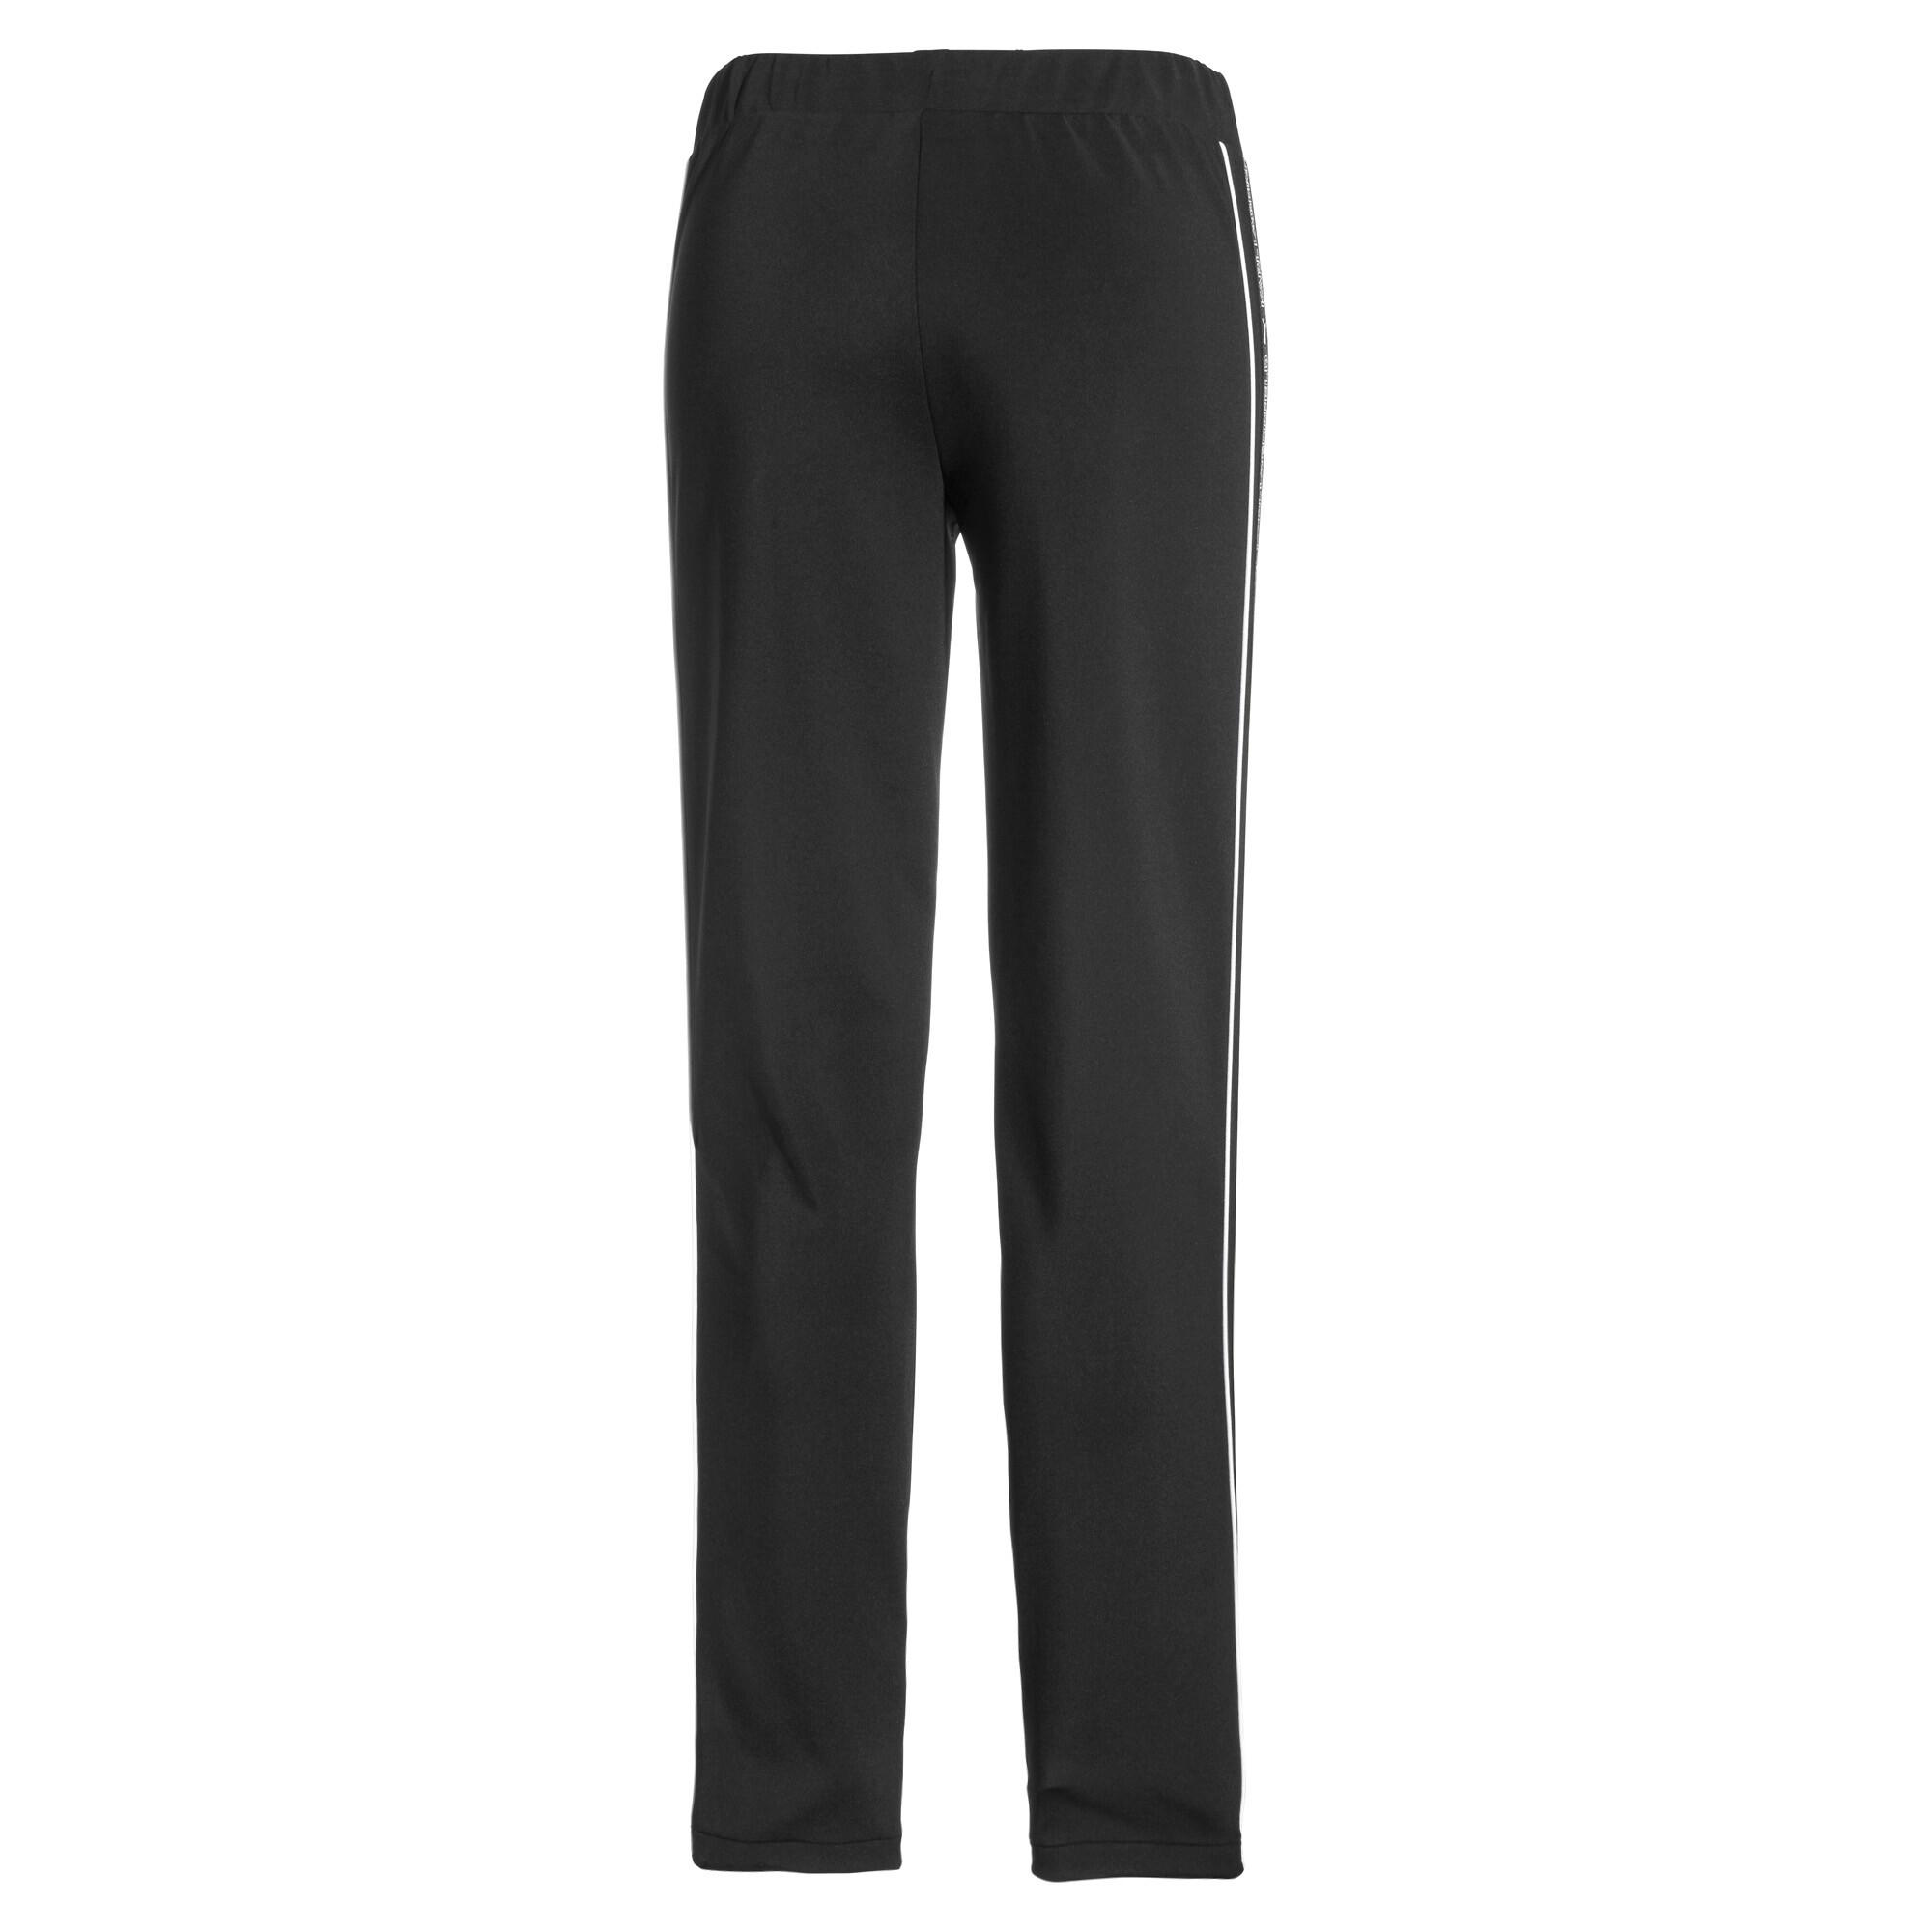 Image Puma PUMA x KARL LAGERFELD T7 Women's Tight Sweatpants #6